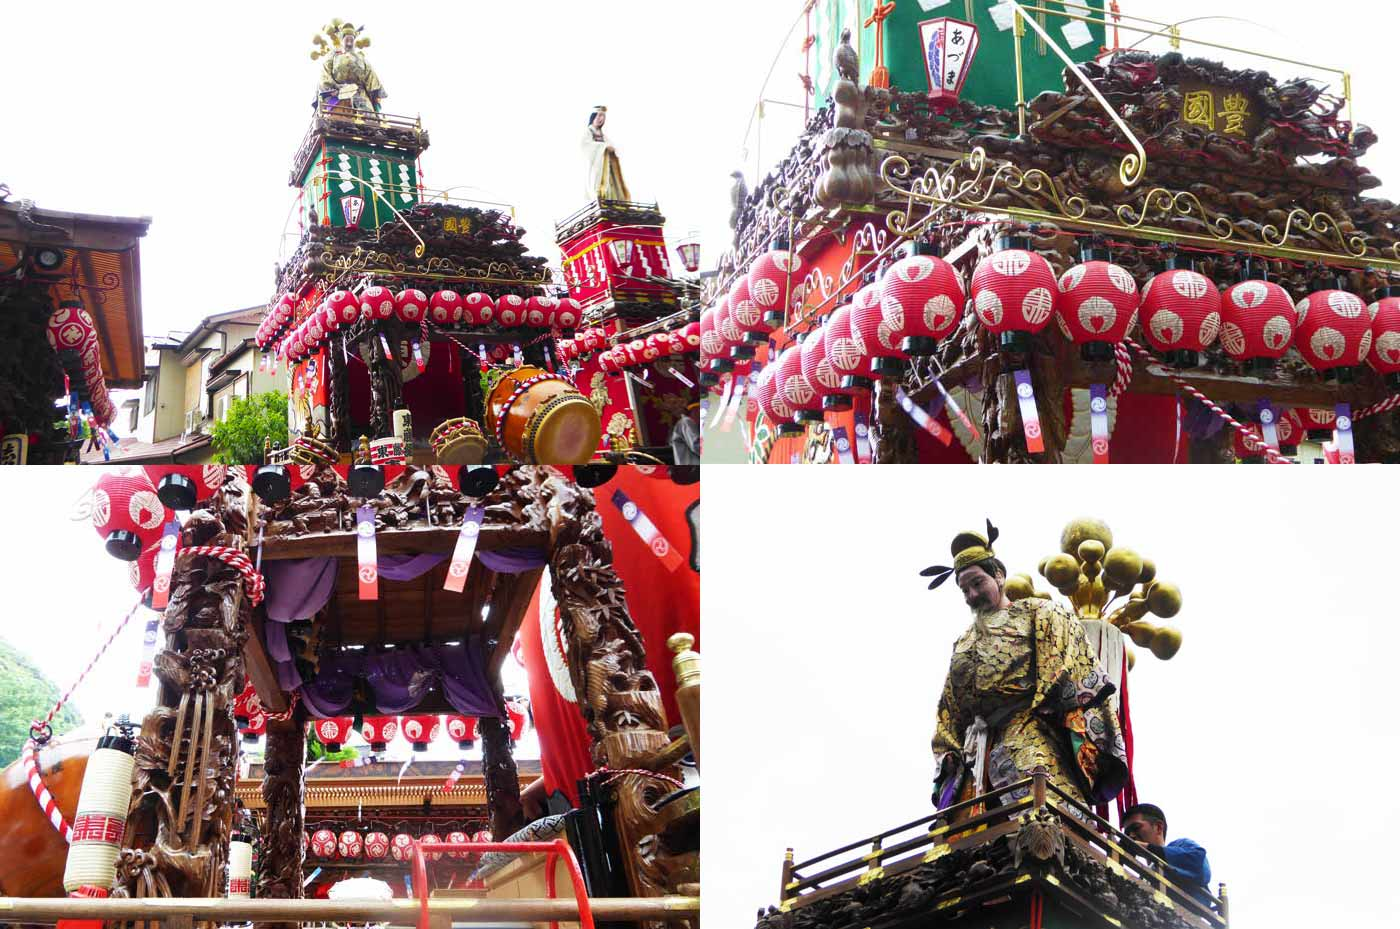 那古寺の祭礼 東藤の山車